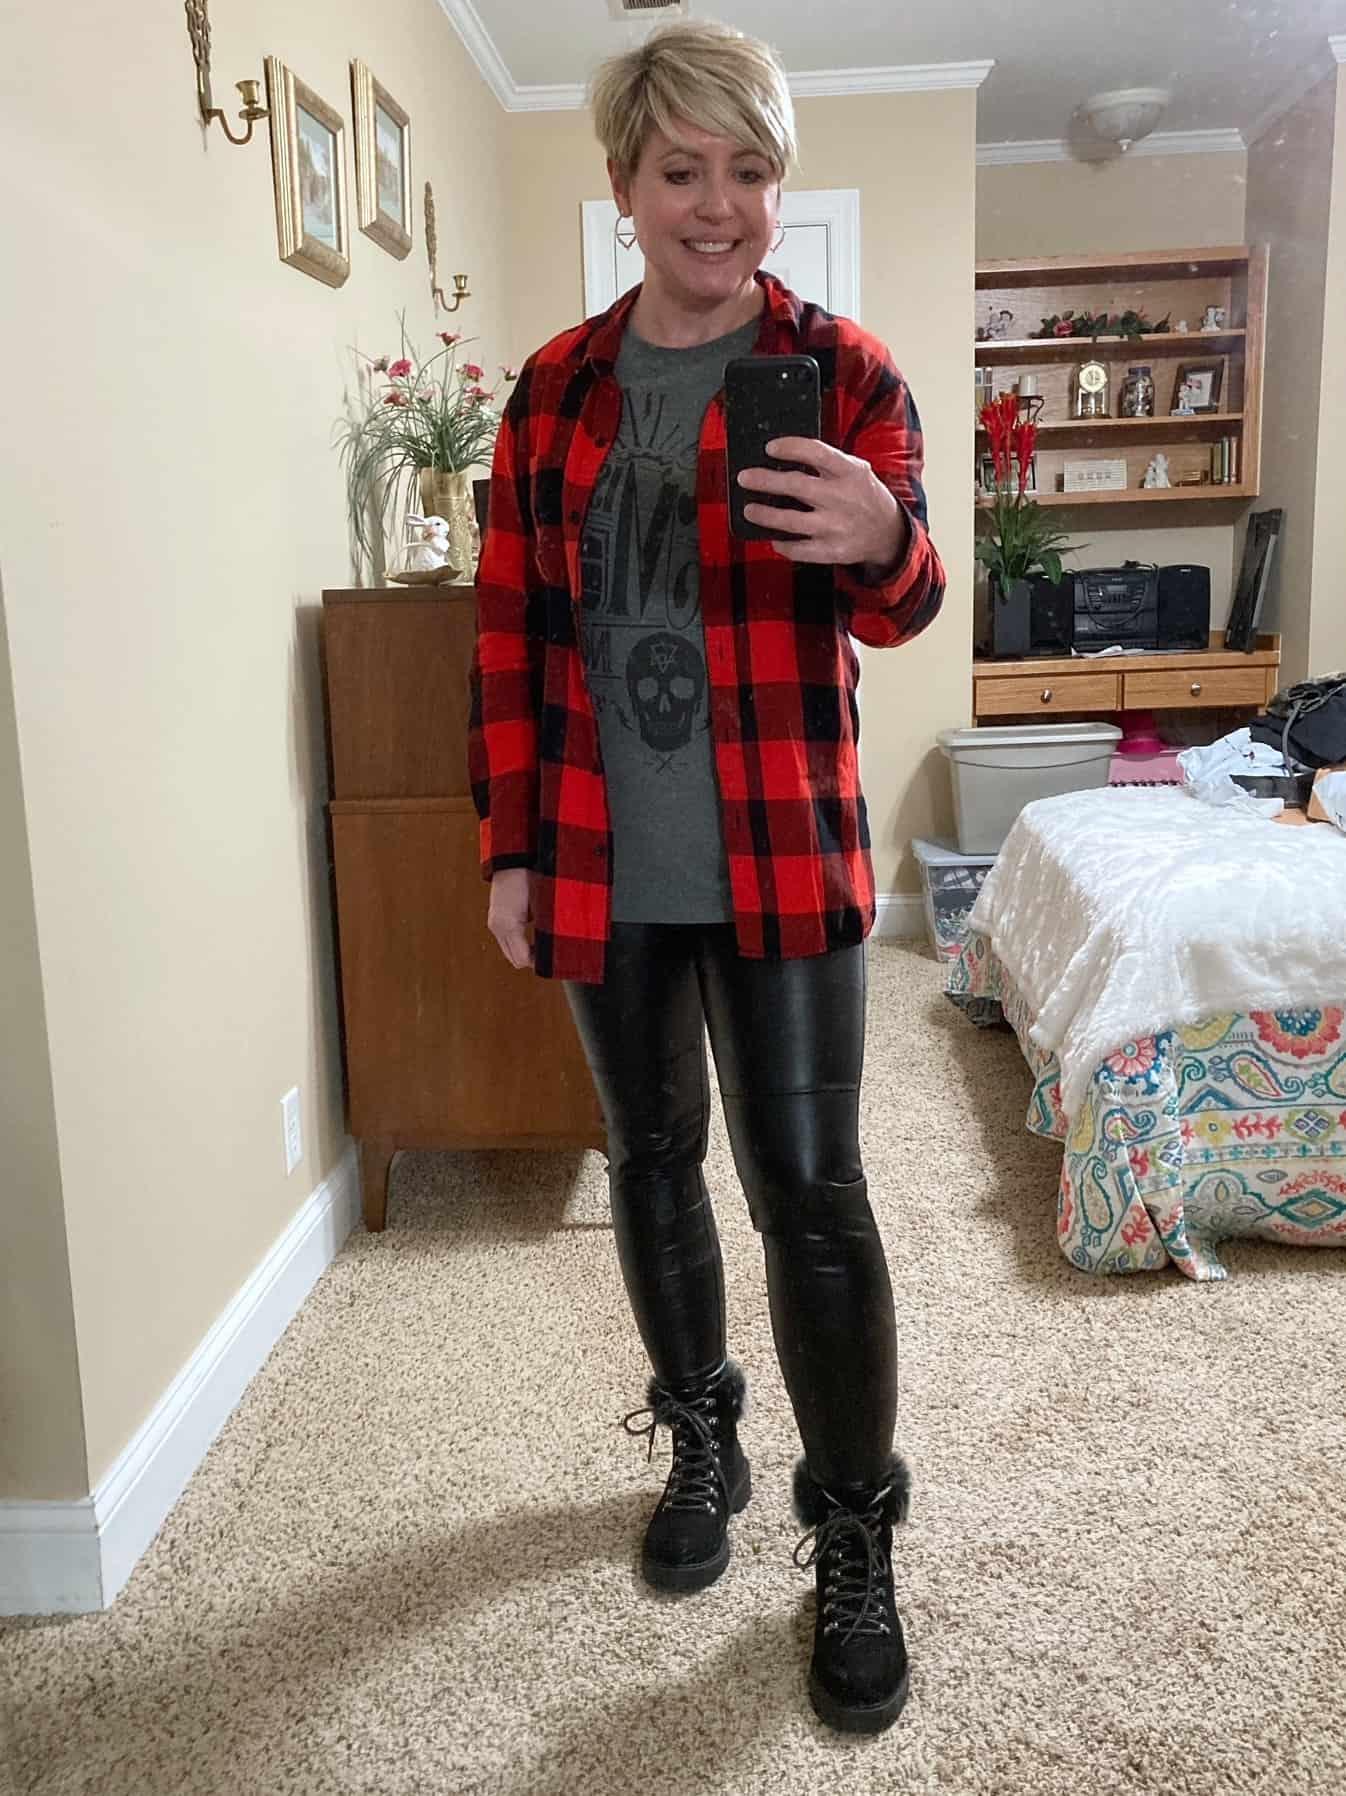 faux leather leggings and buffalo plaid shirt